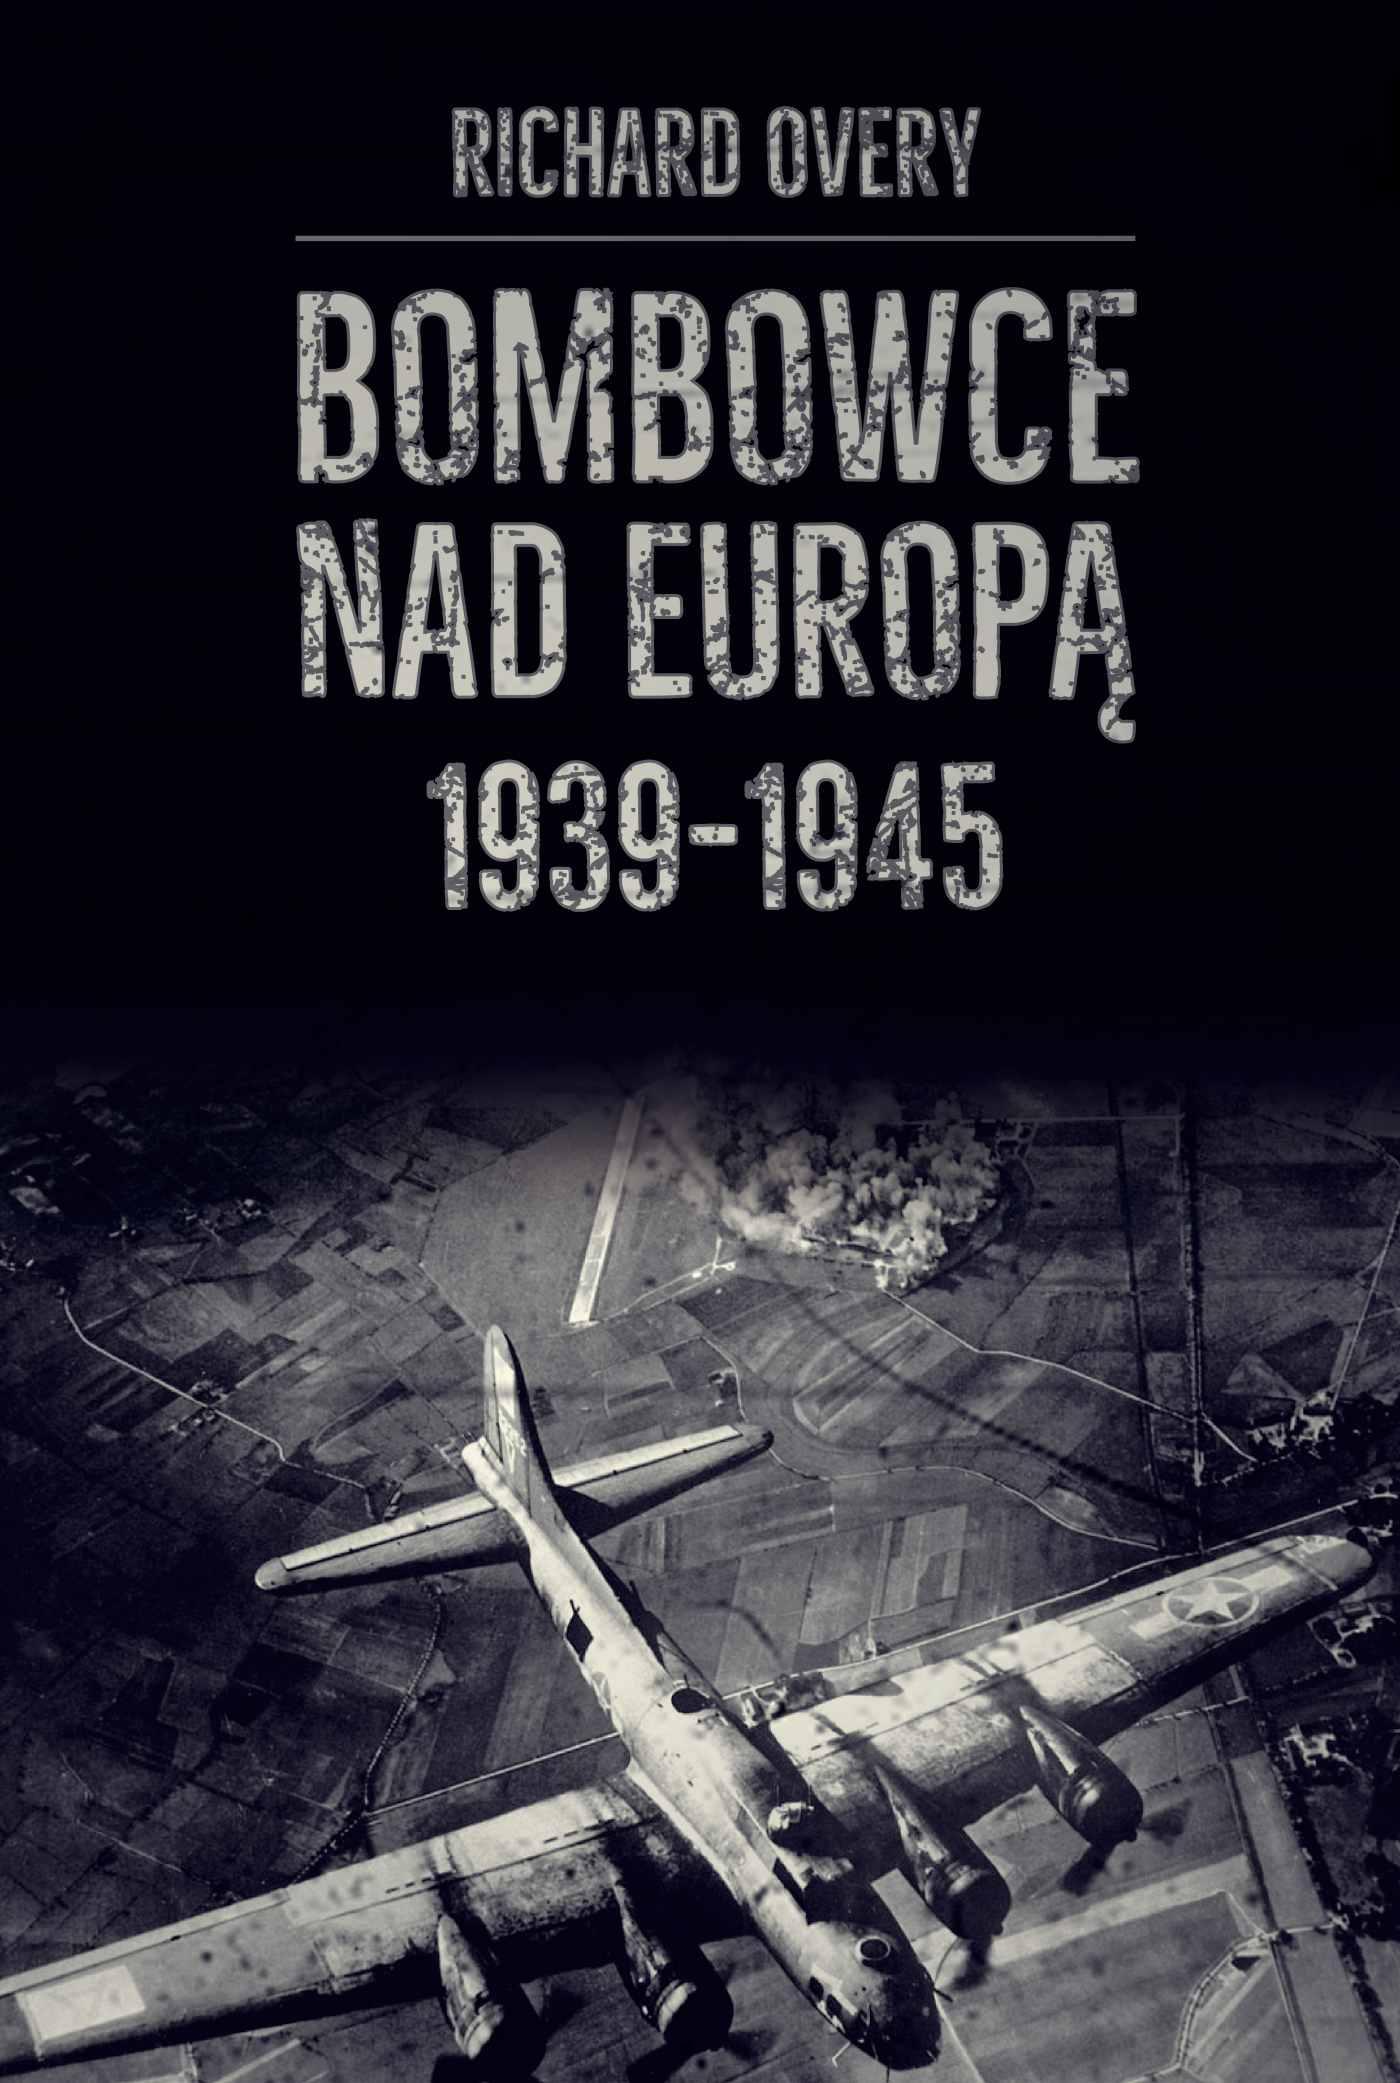 Bombowce nad Europą 1939-1945 - Ebook (Książka na Kindle) do pobrania w formacie MOBI